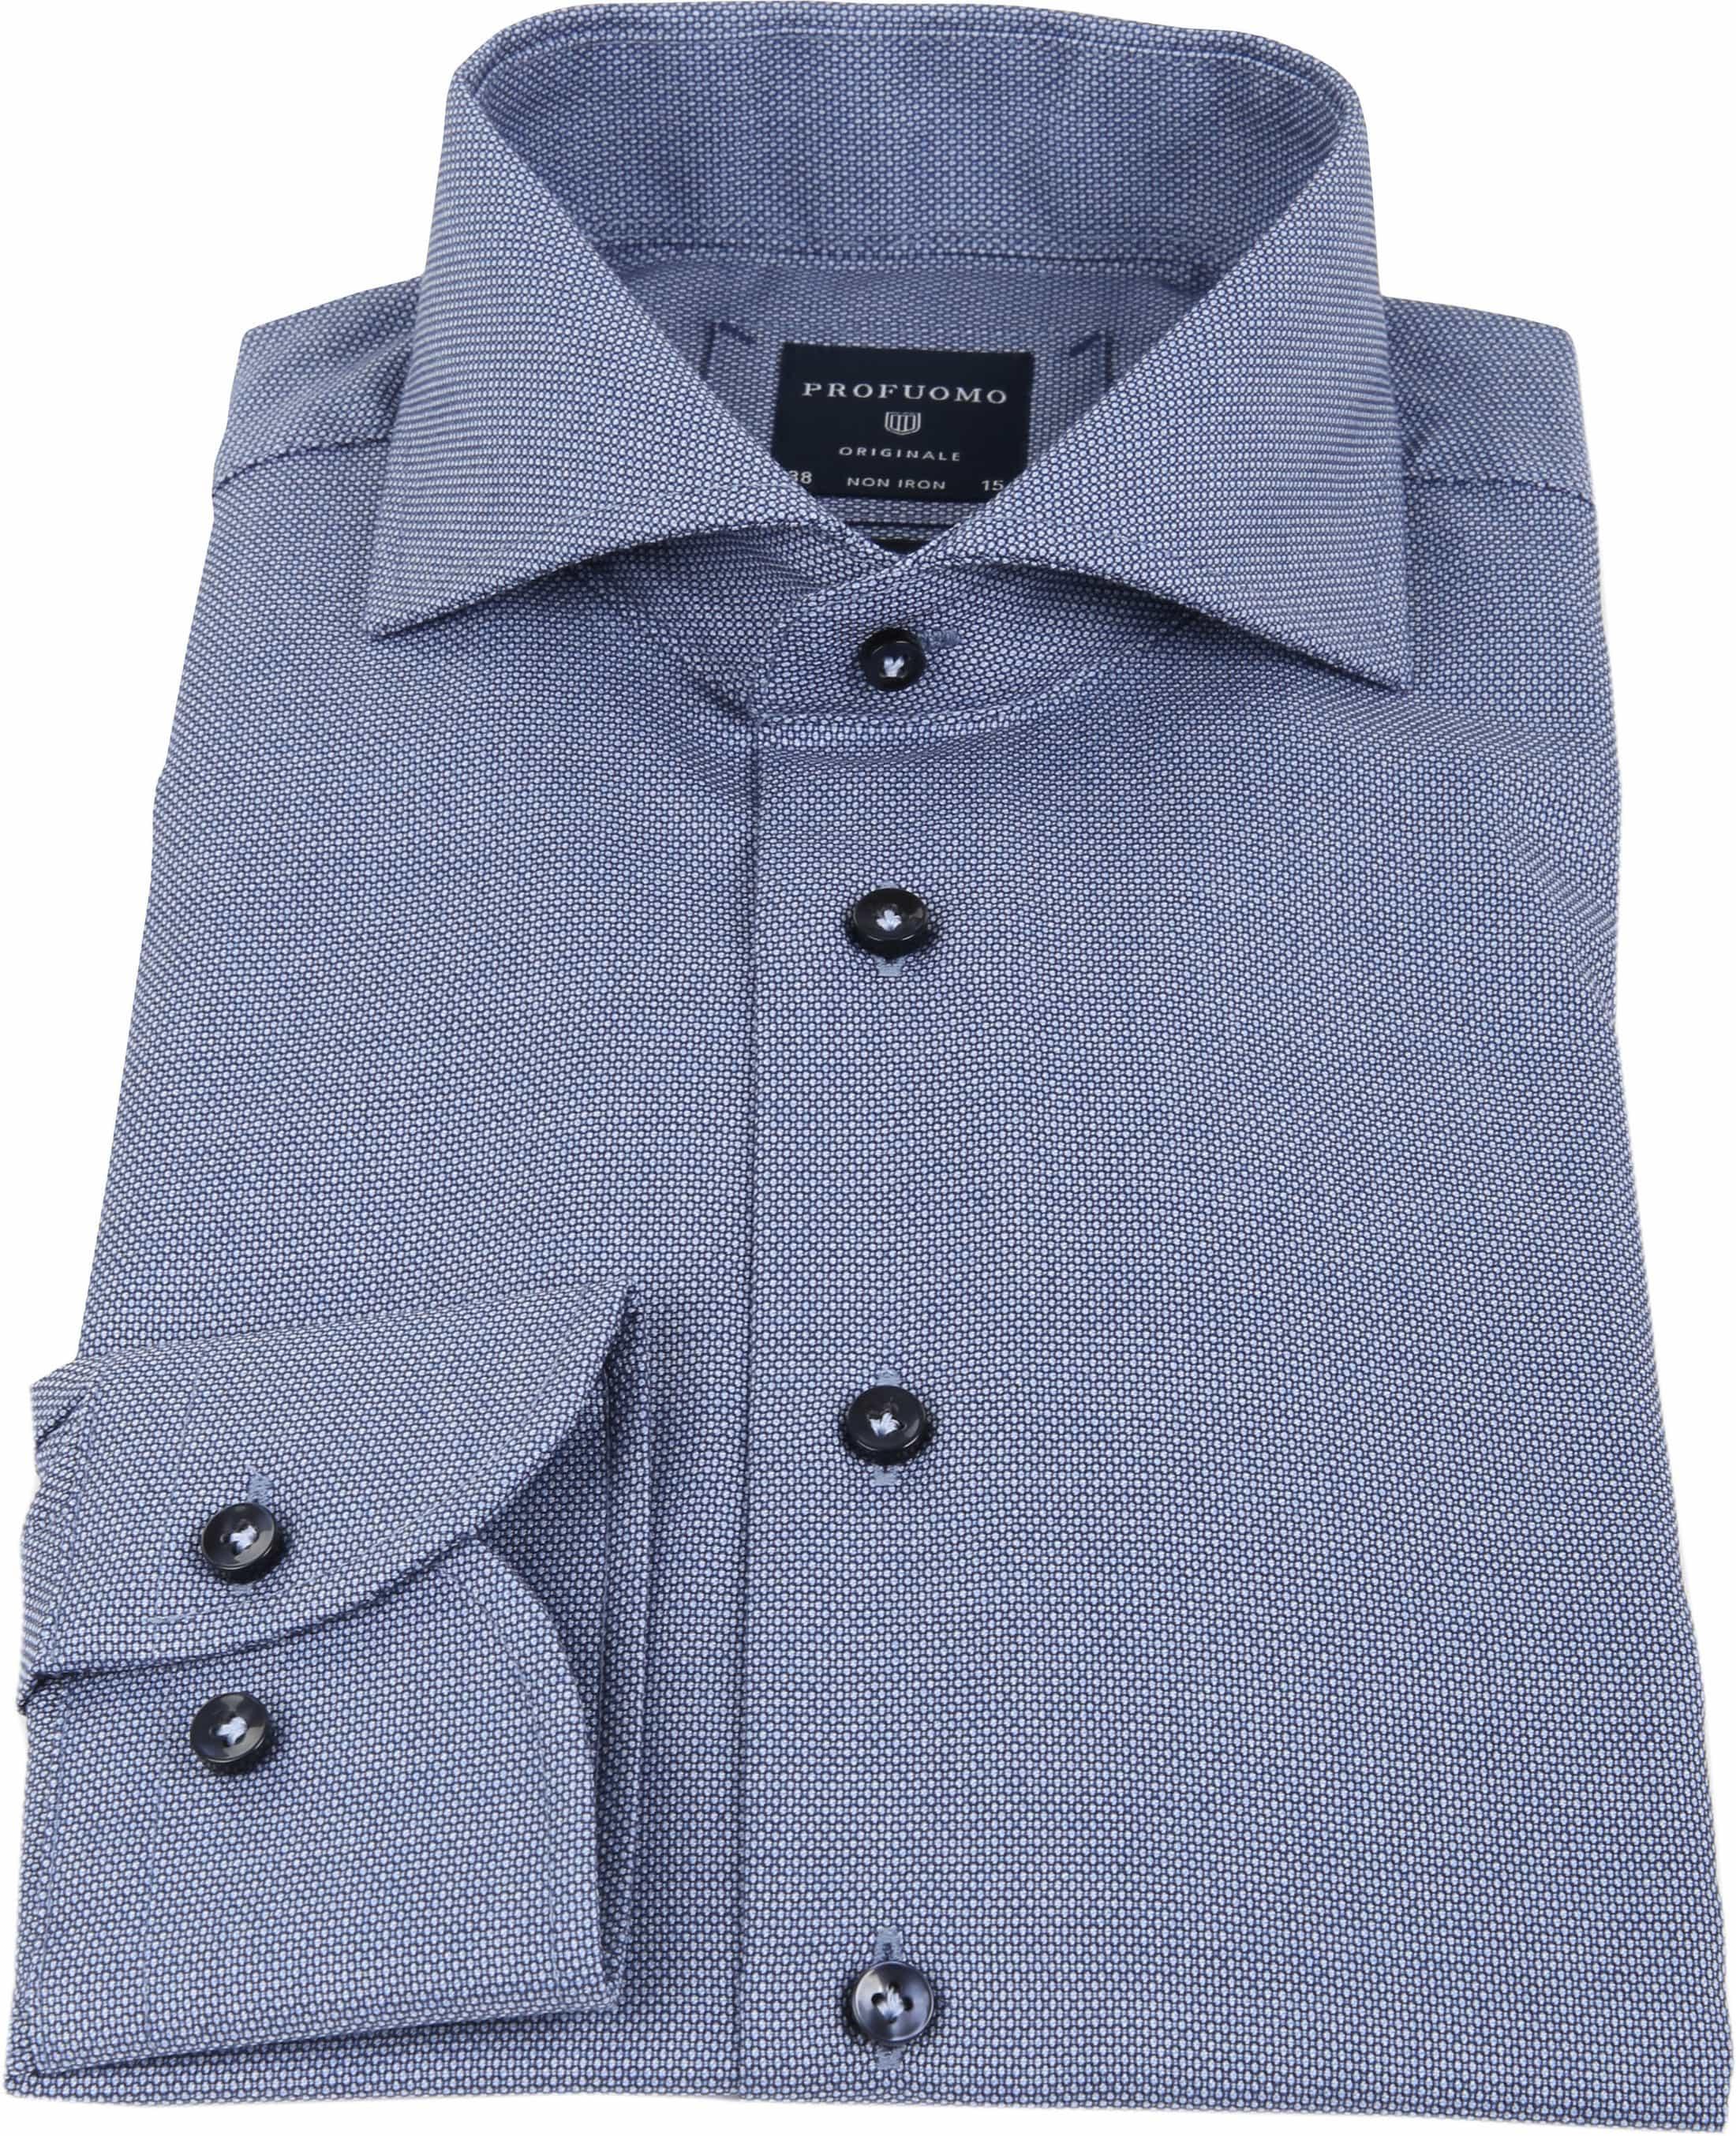 Profuomo Overhemd Blauw SF Dessin foto 2